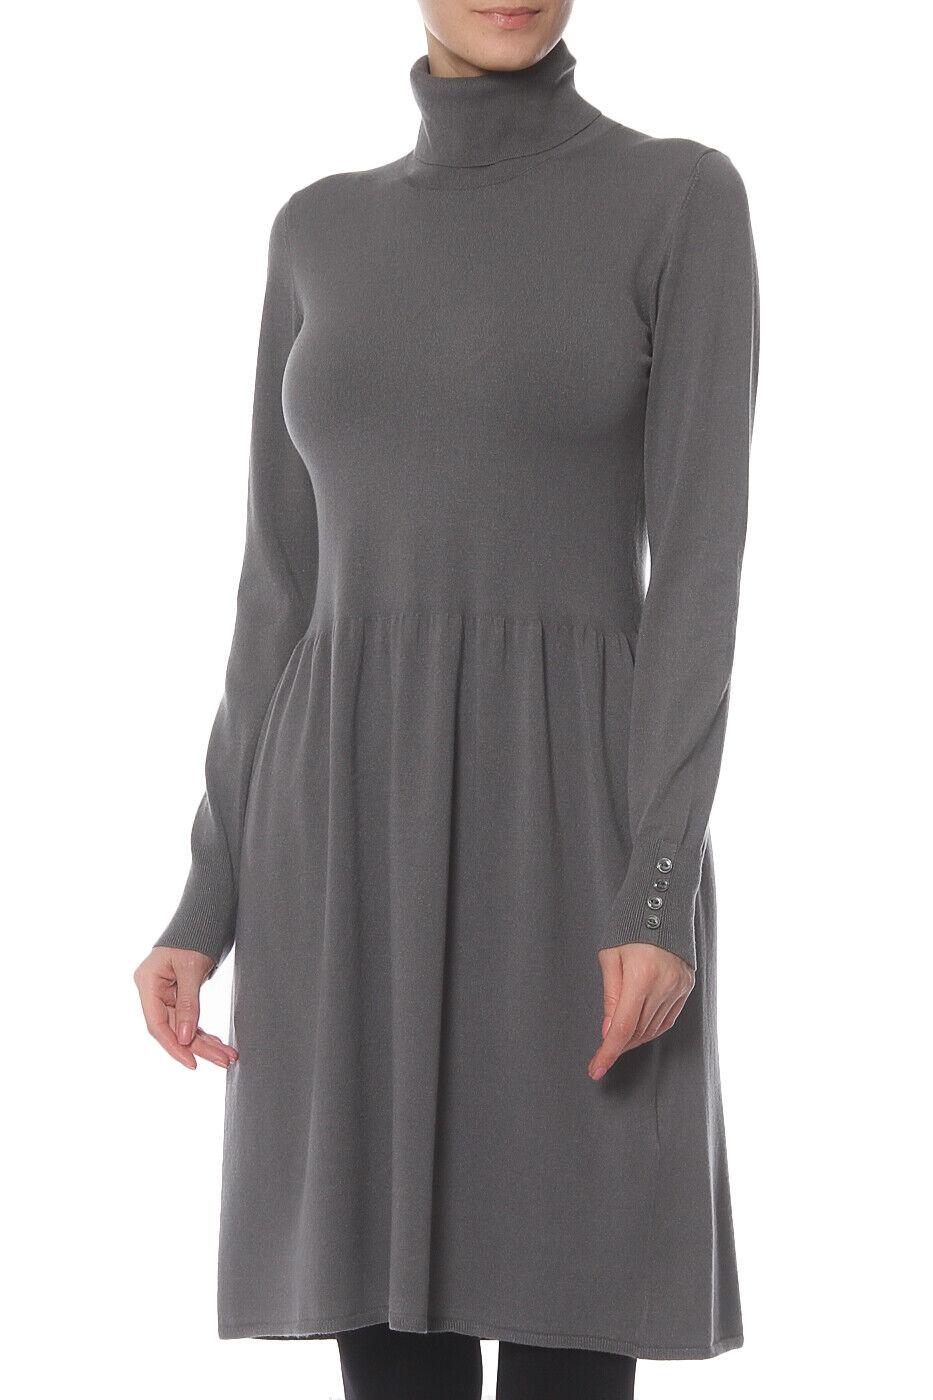 Riani Kleid in grau mit Rollkragen, knielang , langarm, Größe 38